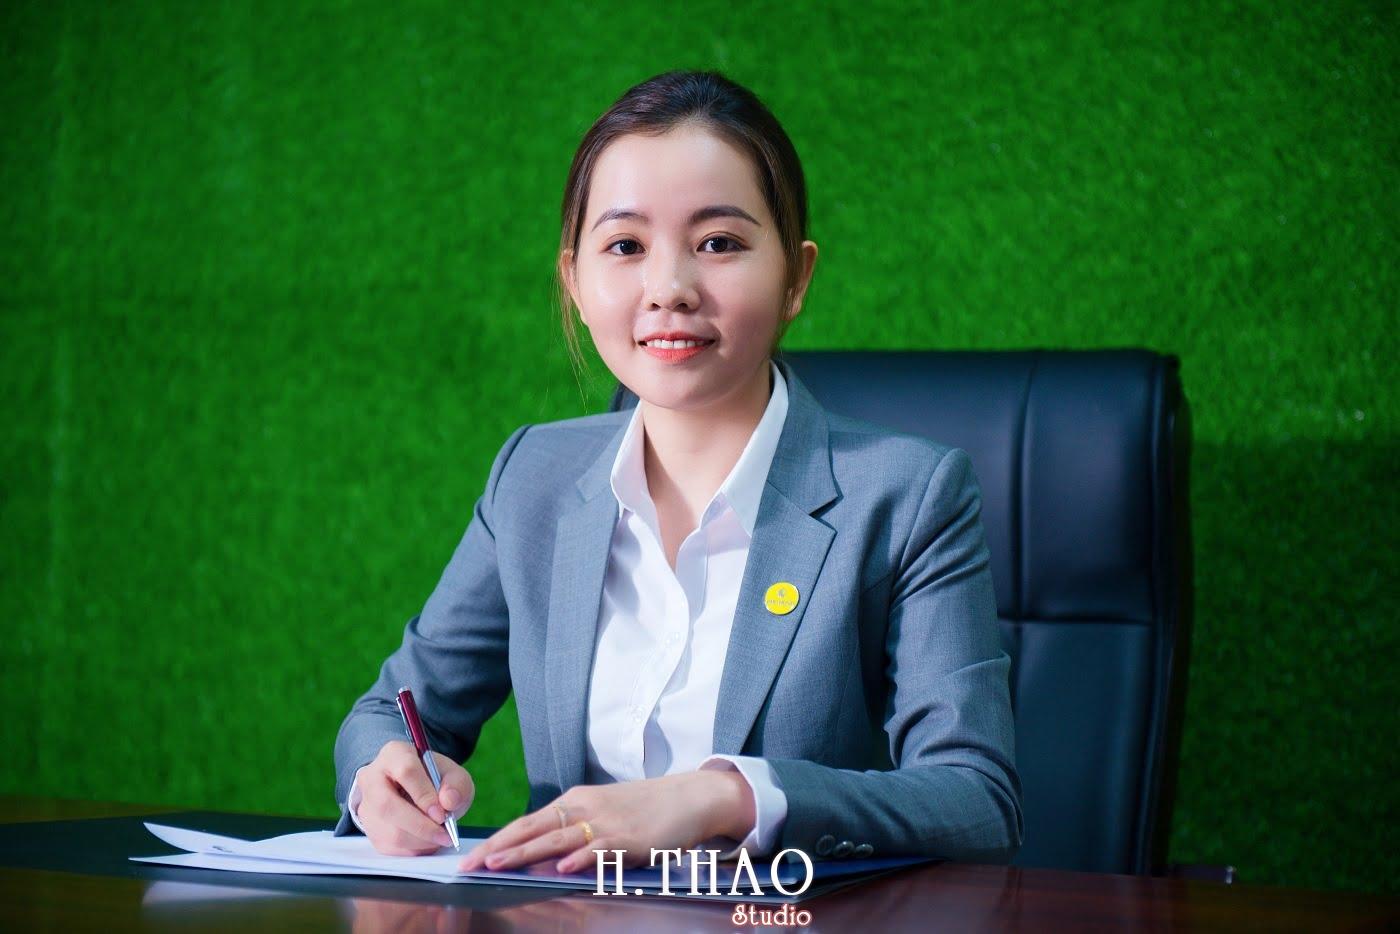 Anh nhan vien 5 min - Album ảnh profile nhân sự công ty Phu Hung Land – HThao Studio